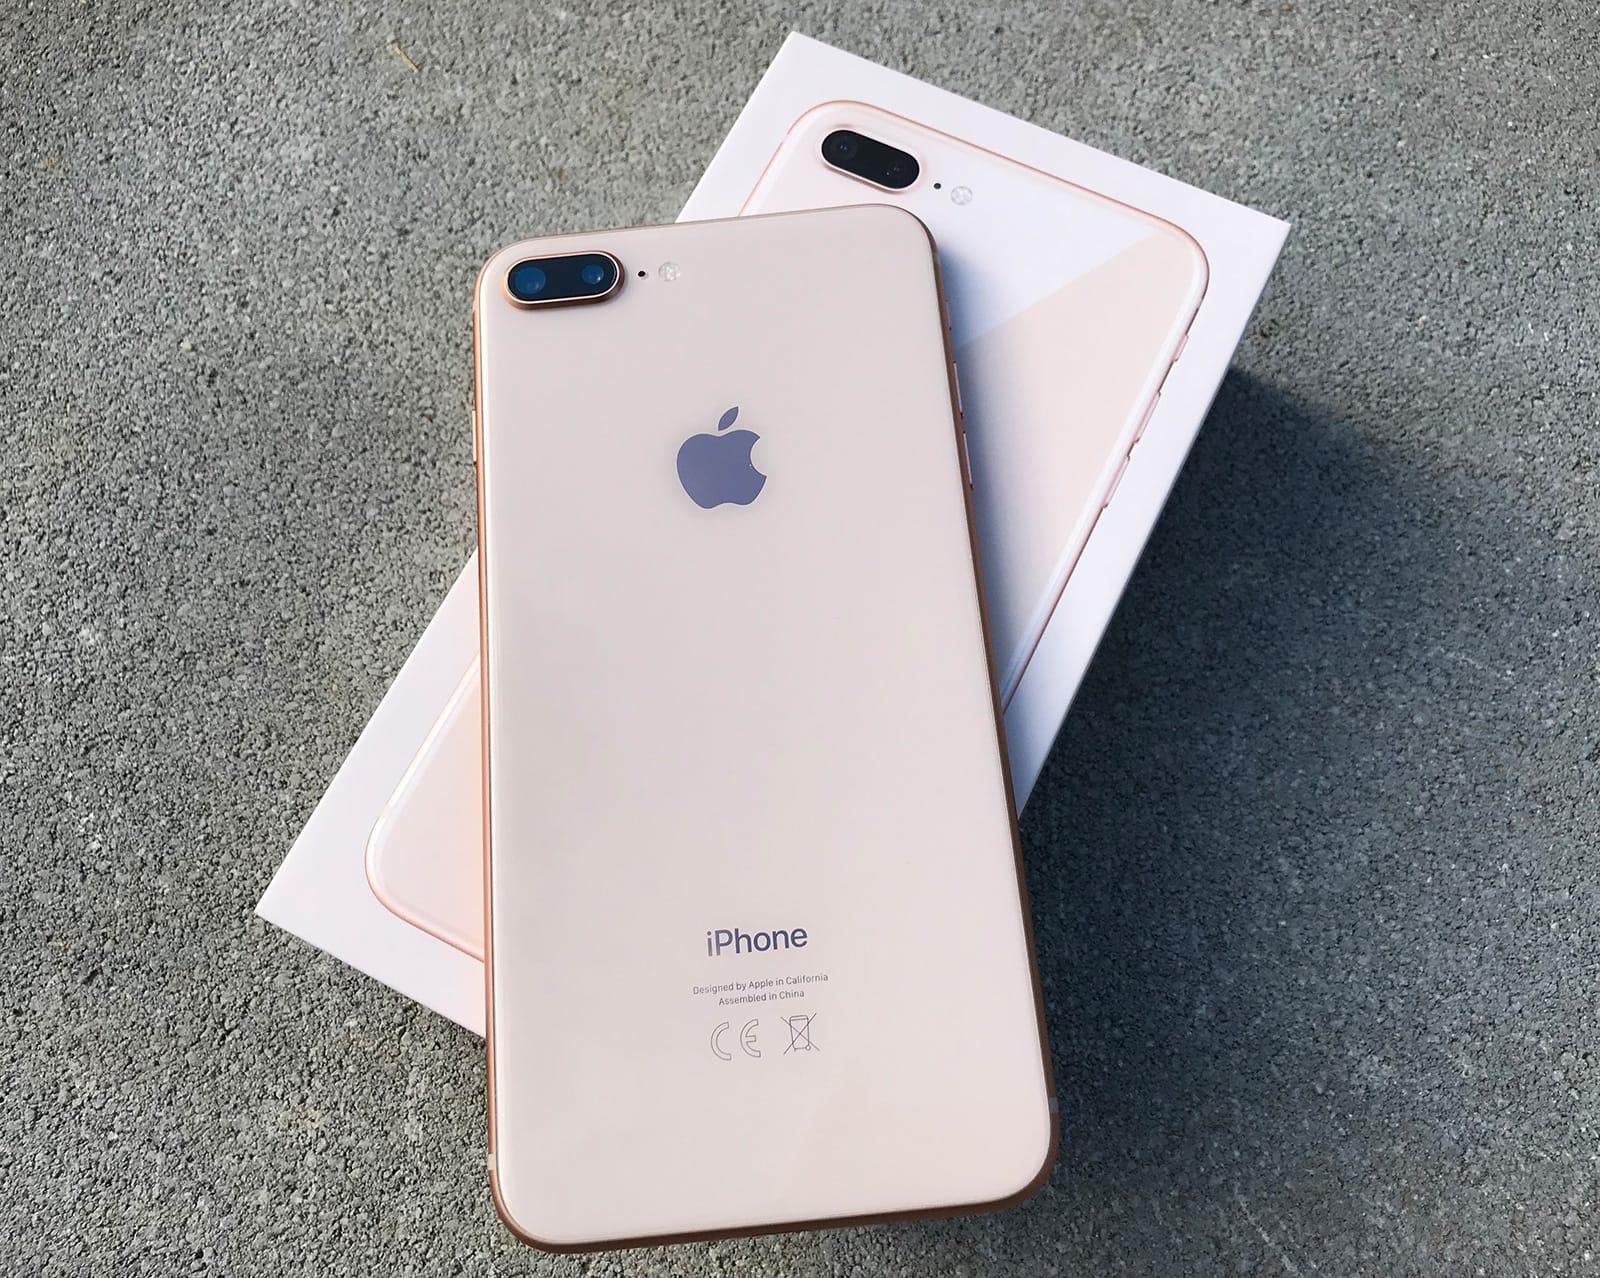 Test IPhone 8 Plus Der Vergessene Champion